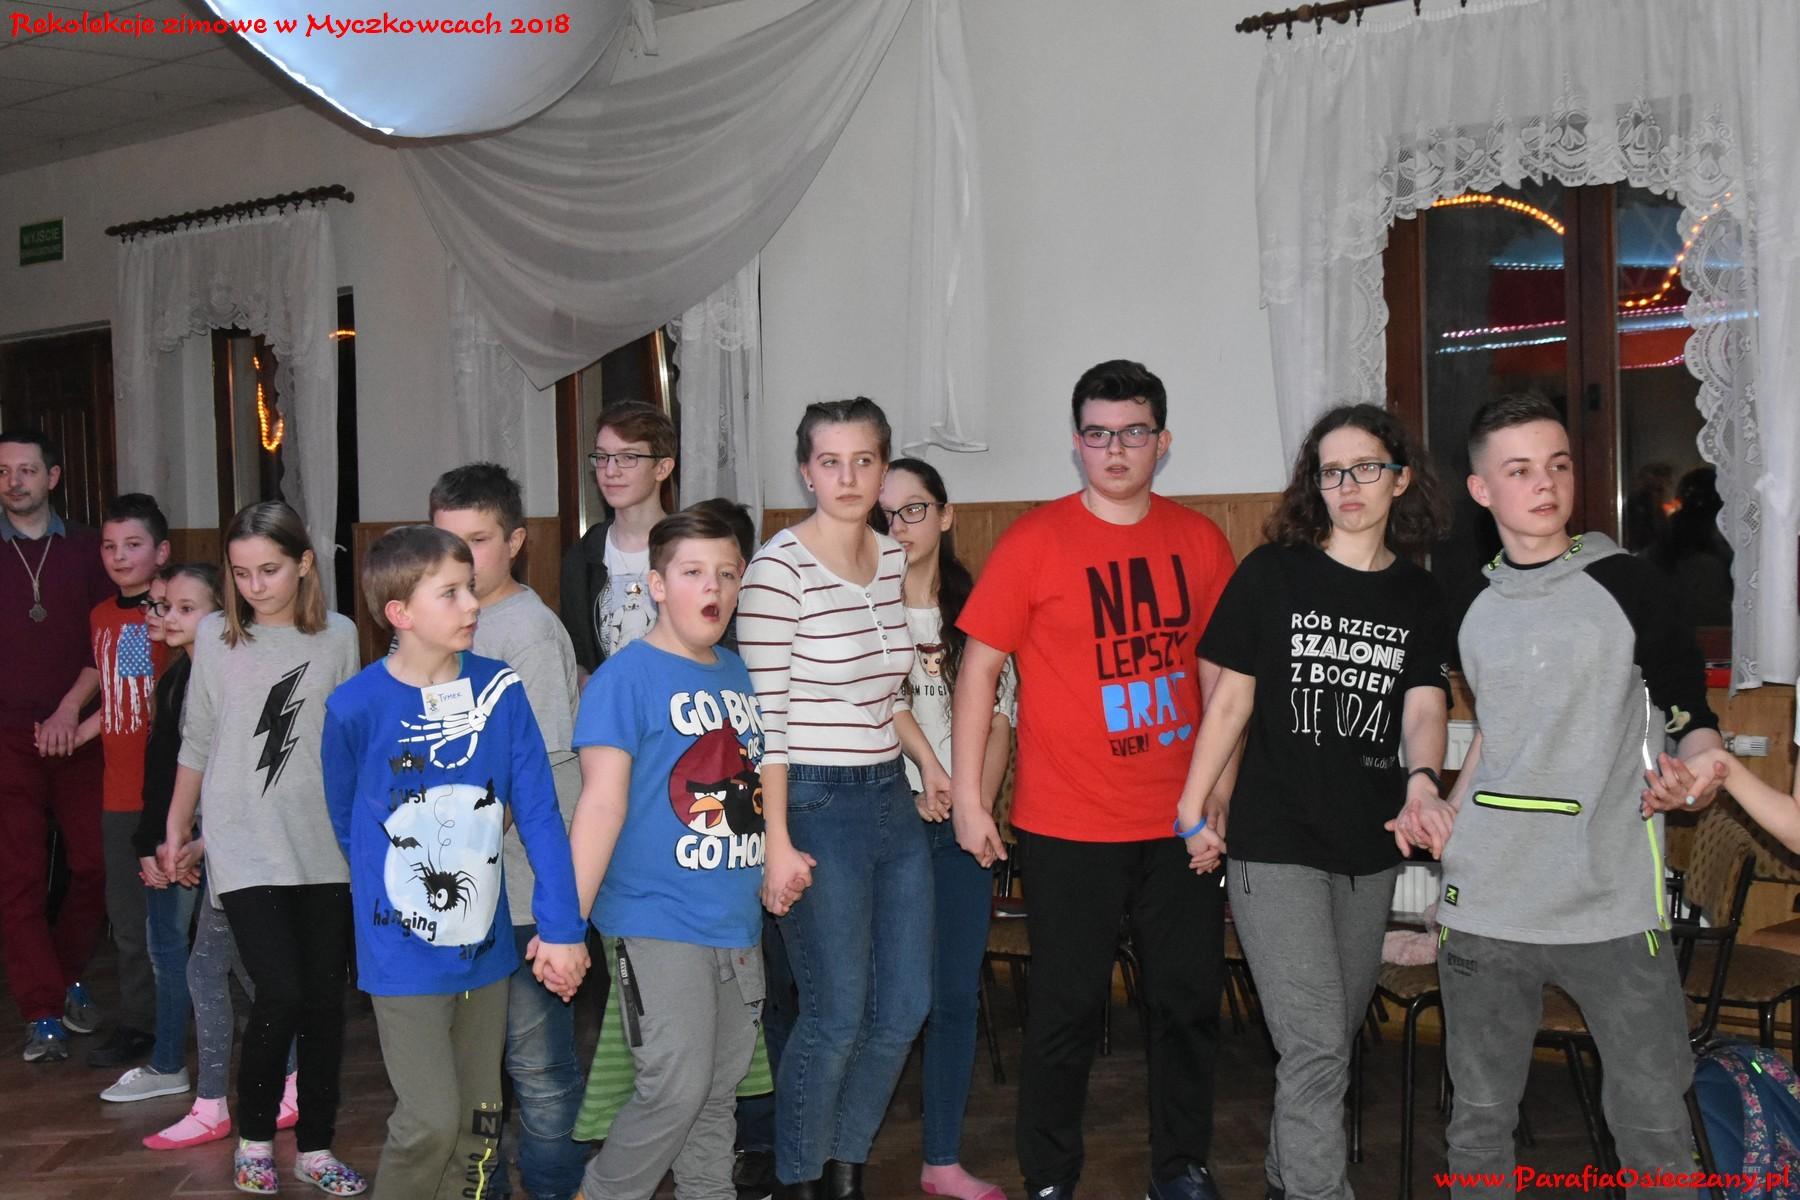 RekMycz (141)